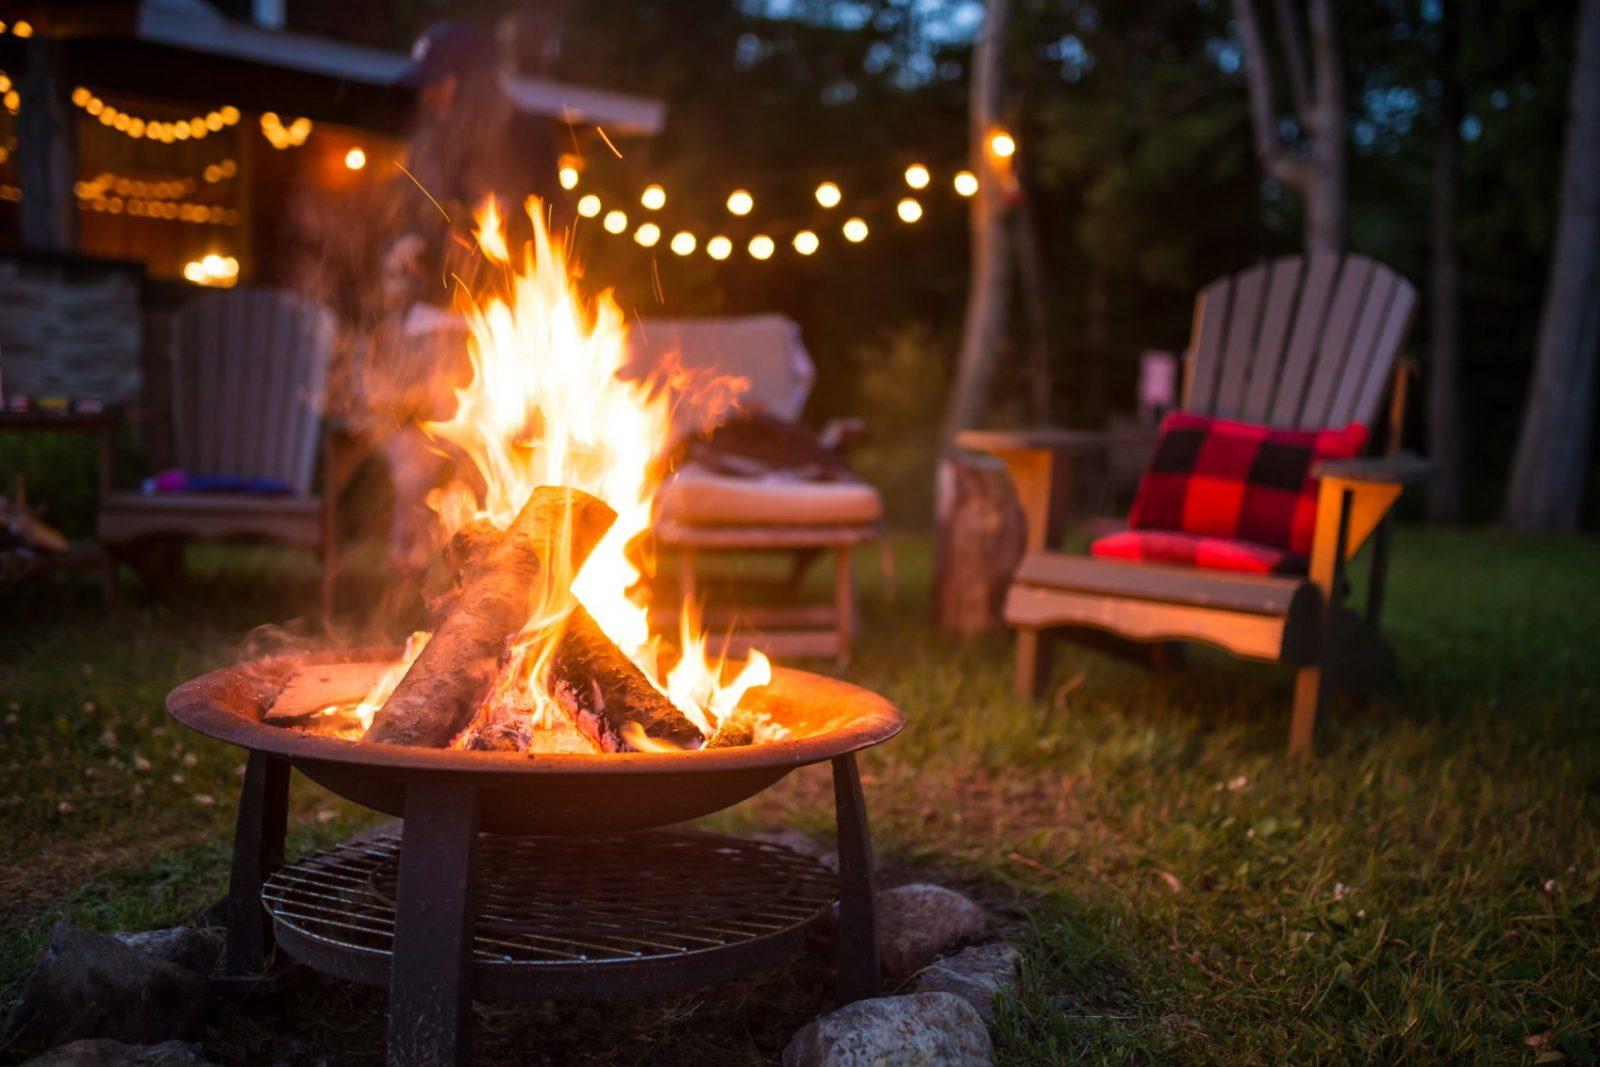 Wo Ist Ein Lagerfeuer Erlaubt Und Wo Verboten Bw  Freizeitshop Camp von Offene Feuerstelle Im Garten Erlaubt Photo